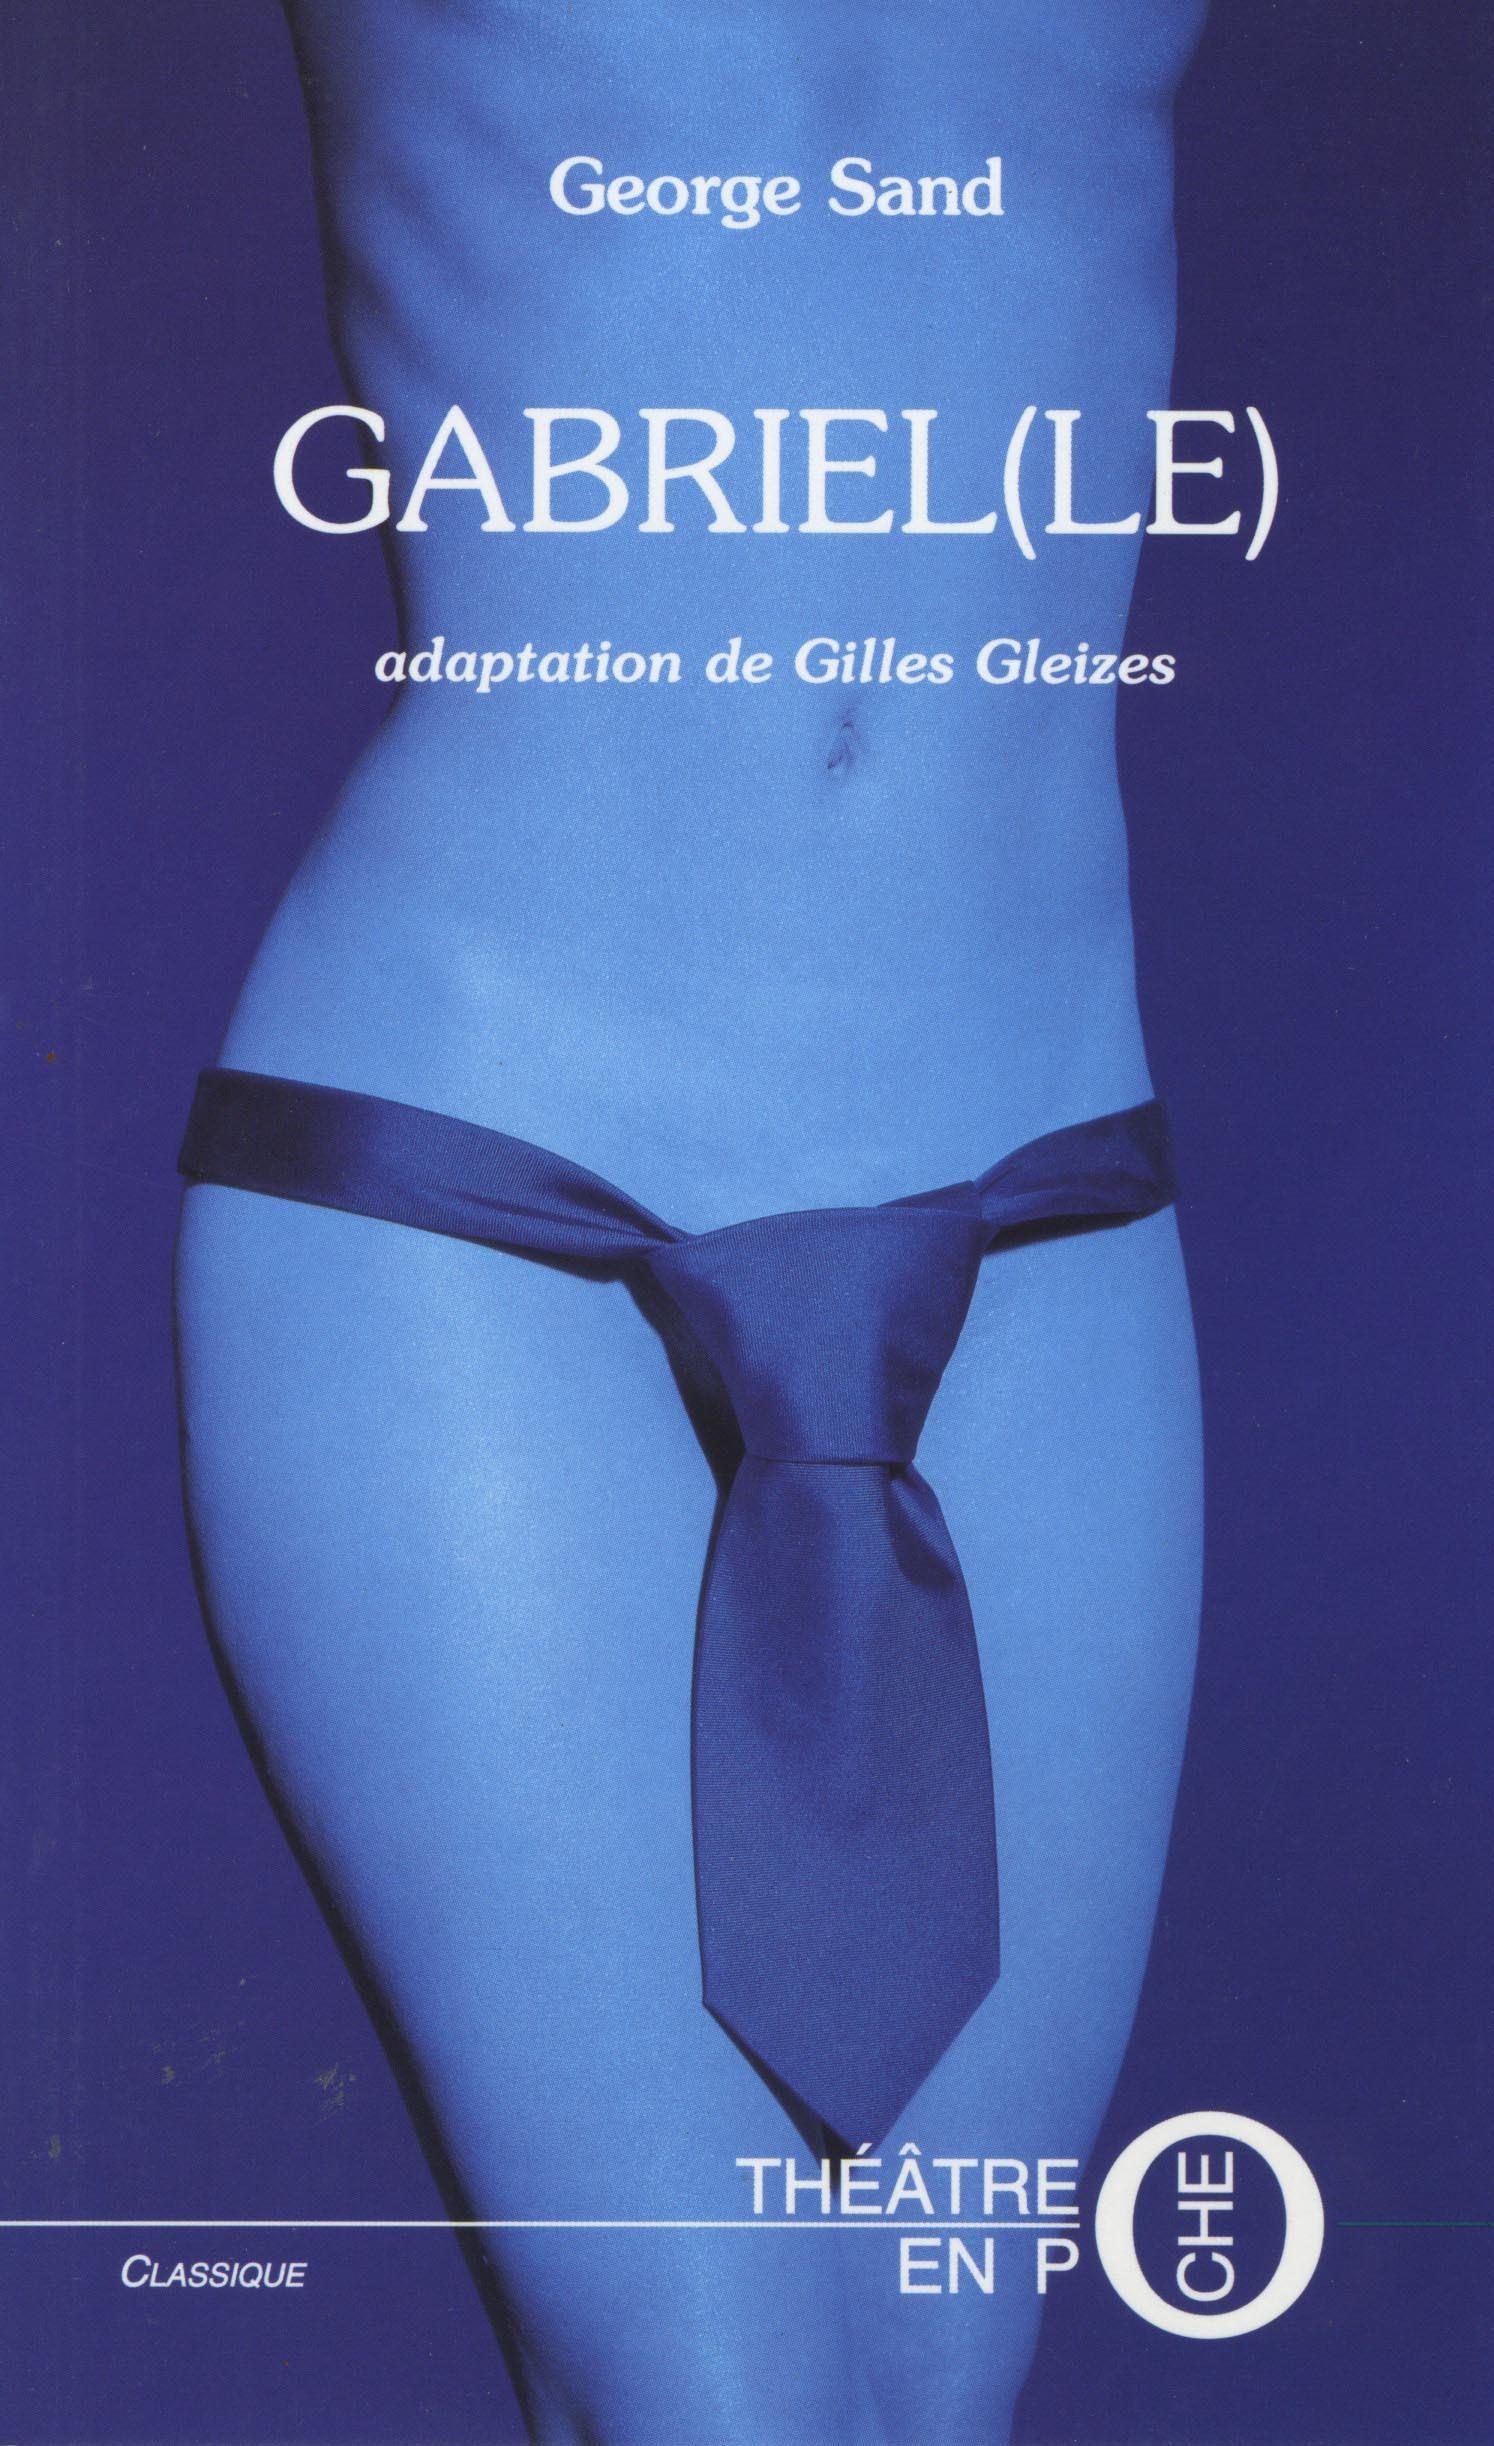 GABRIEL(LE)